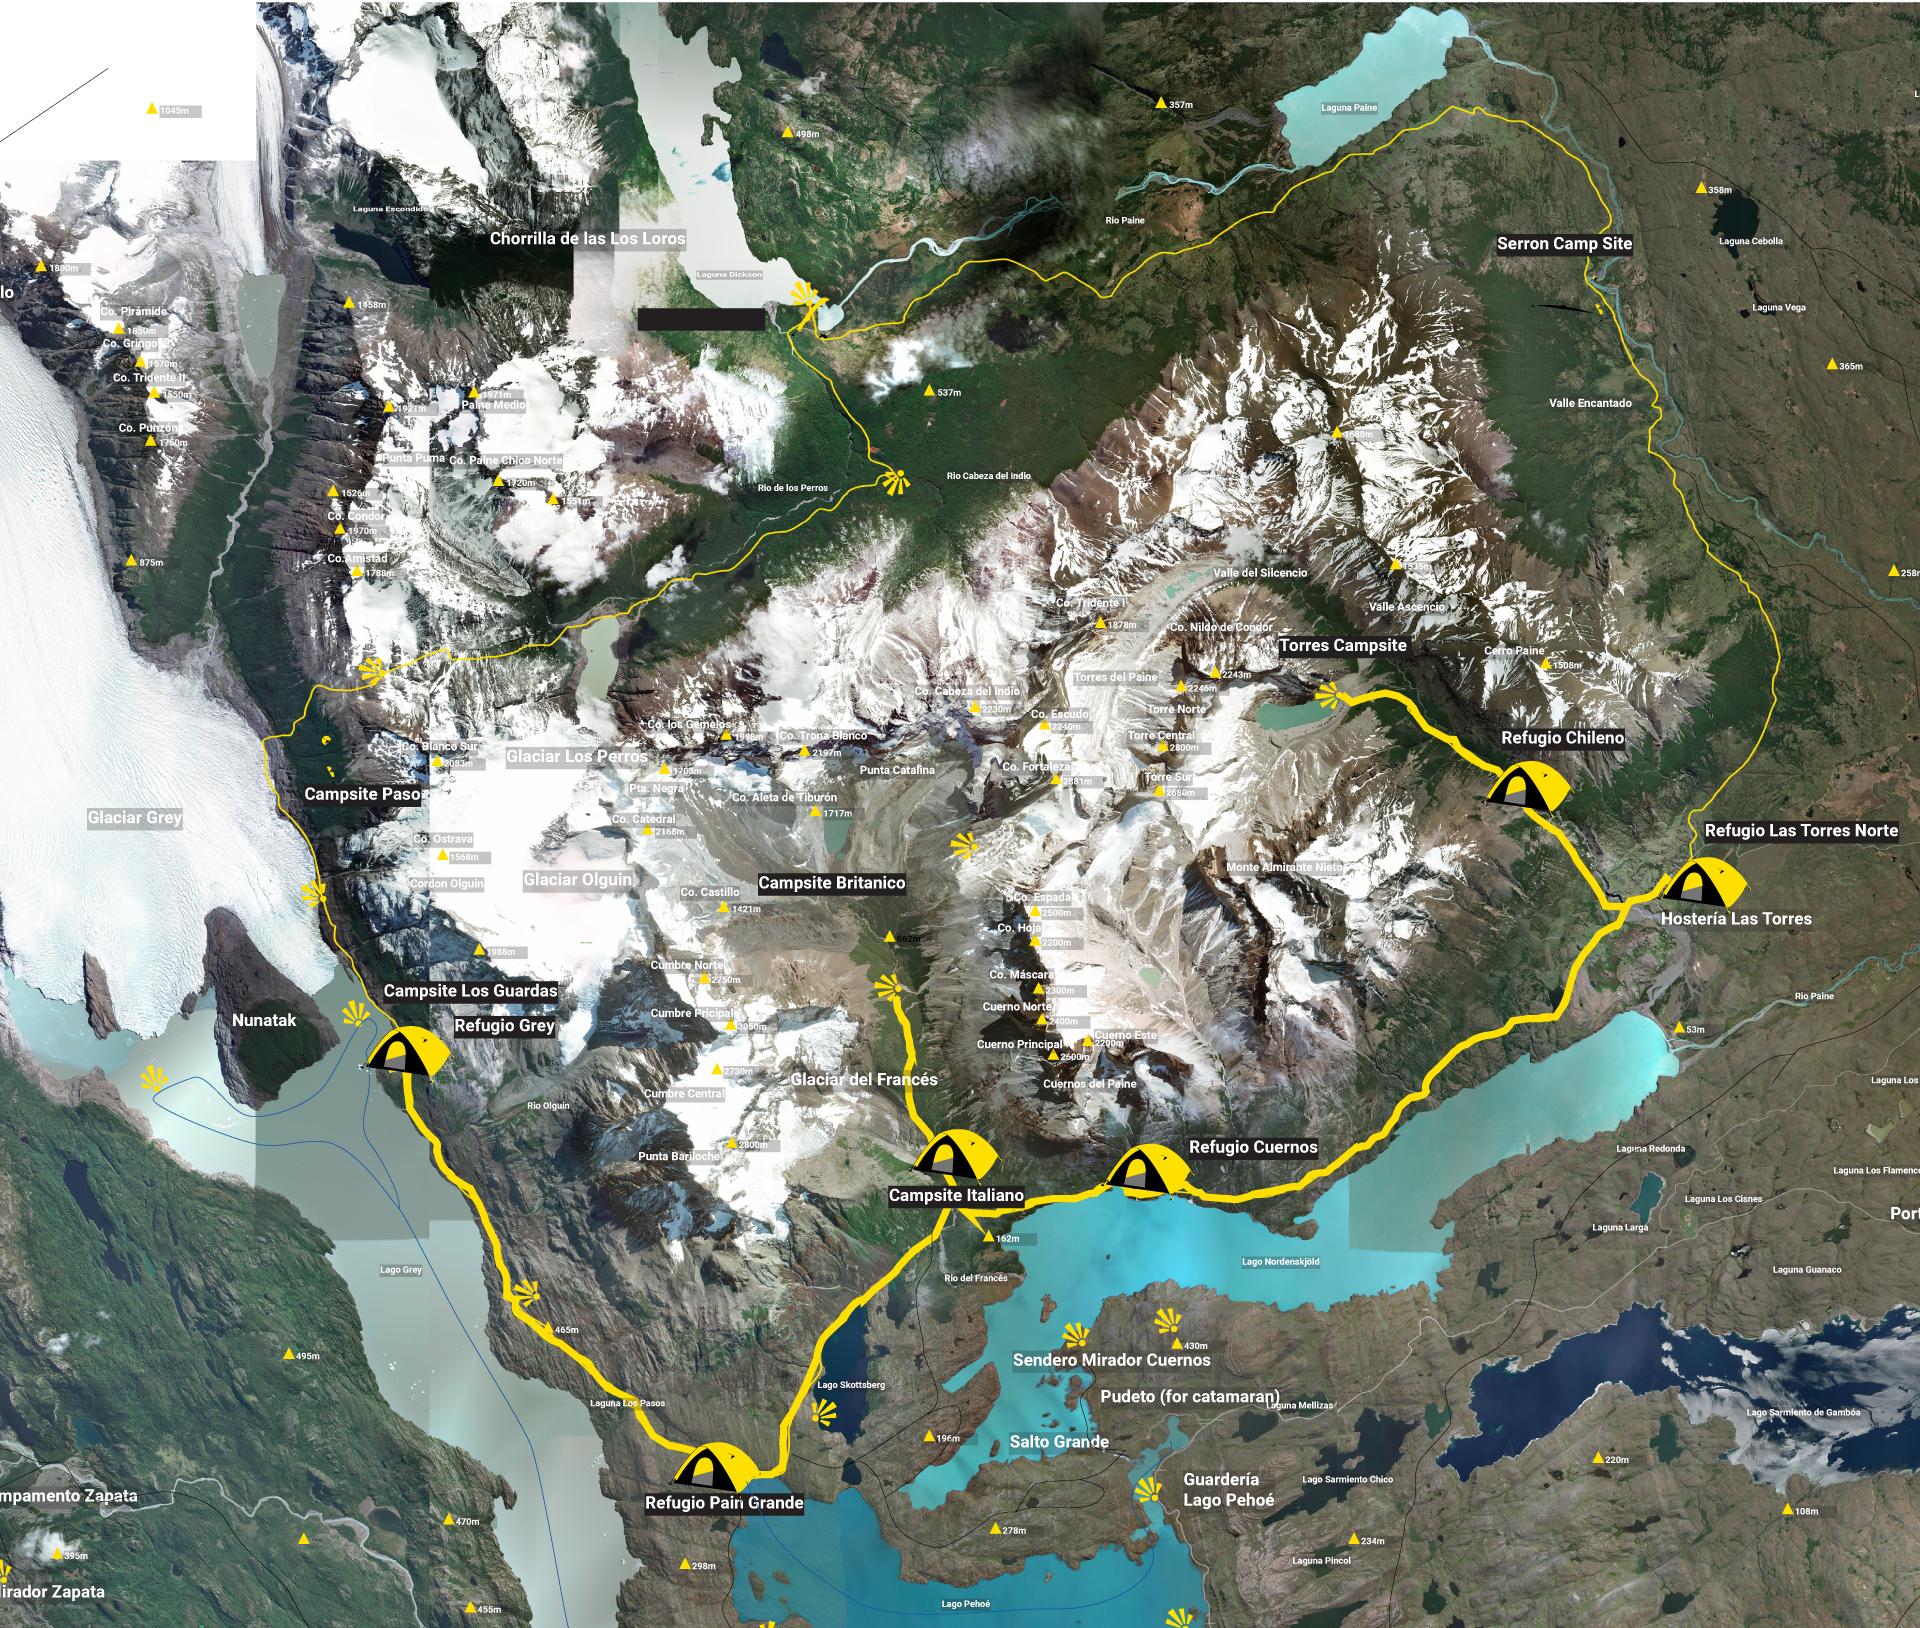 Map W-Trek Patagonia Chile Torres del Paine